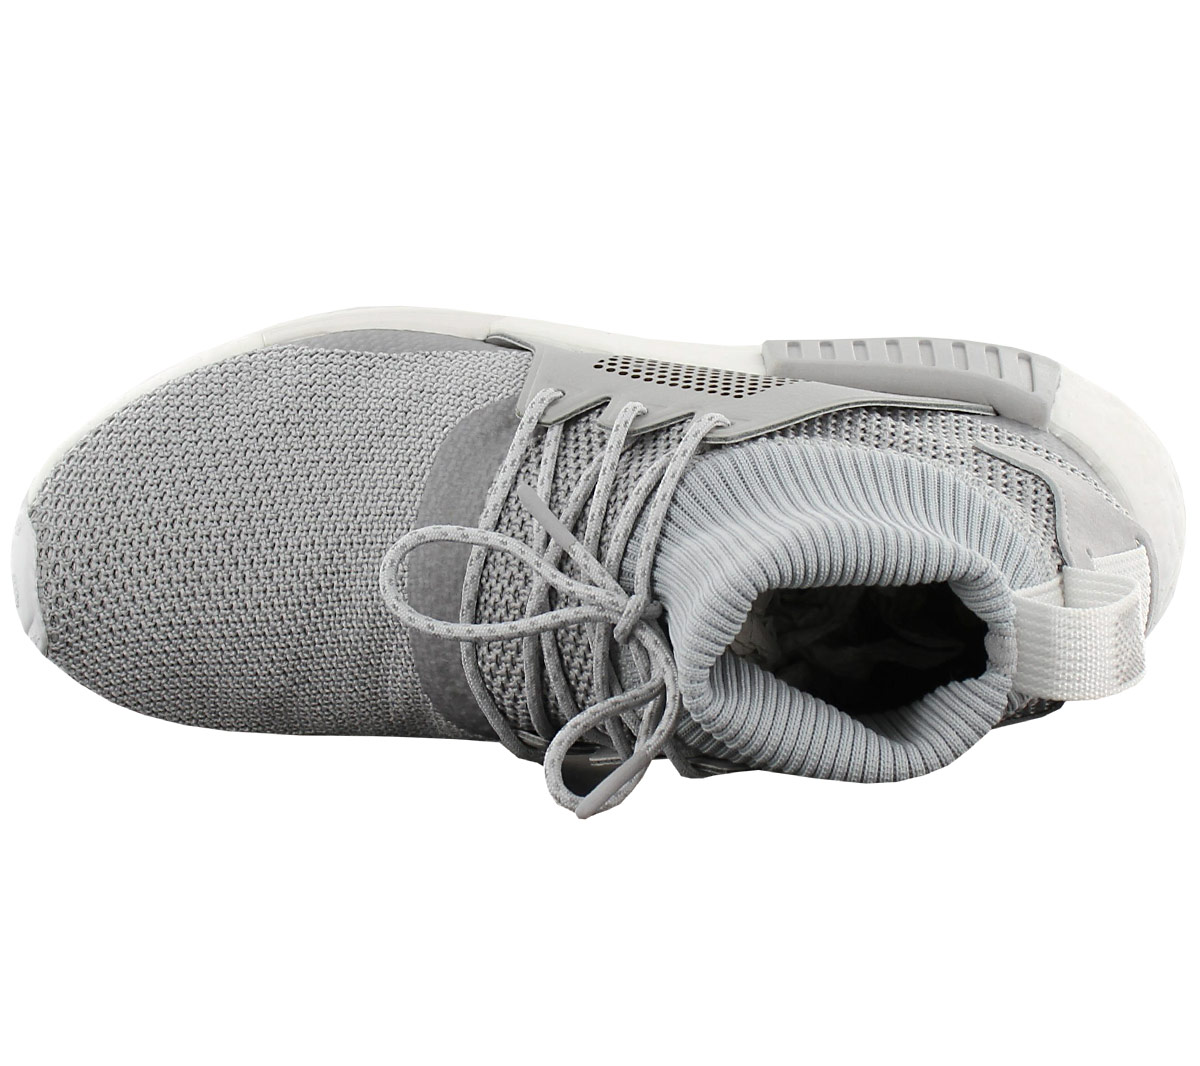 Details zu adidas Originals NMD XR1 Winter Schuhe BZ0633 Sneaker Turnschuhe Sportschuhe R1